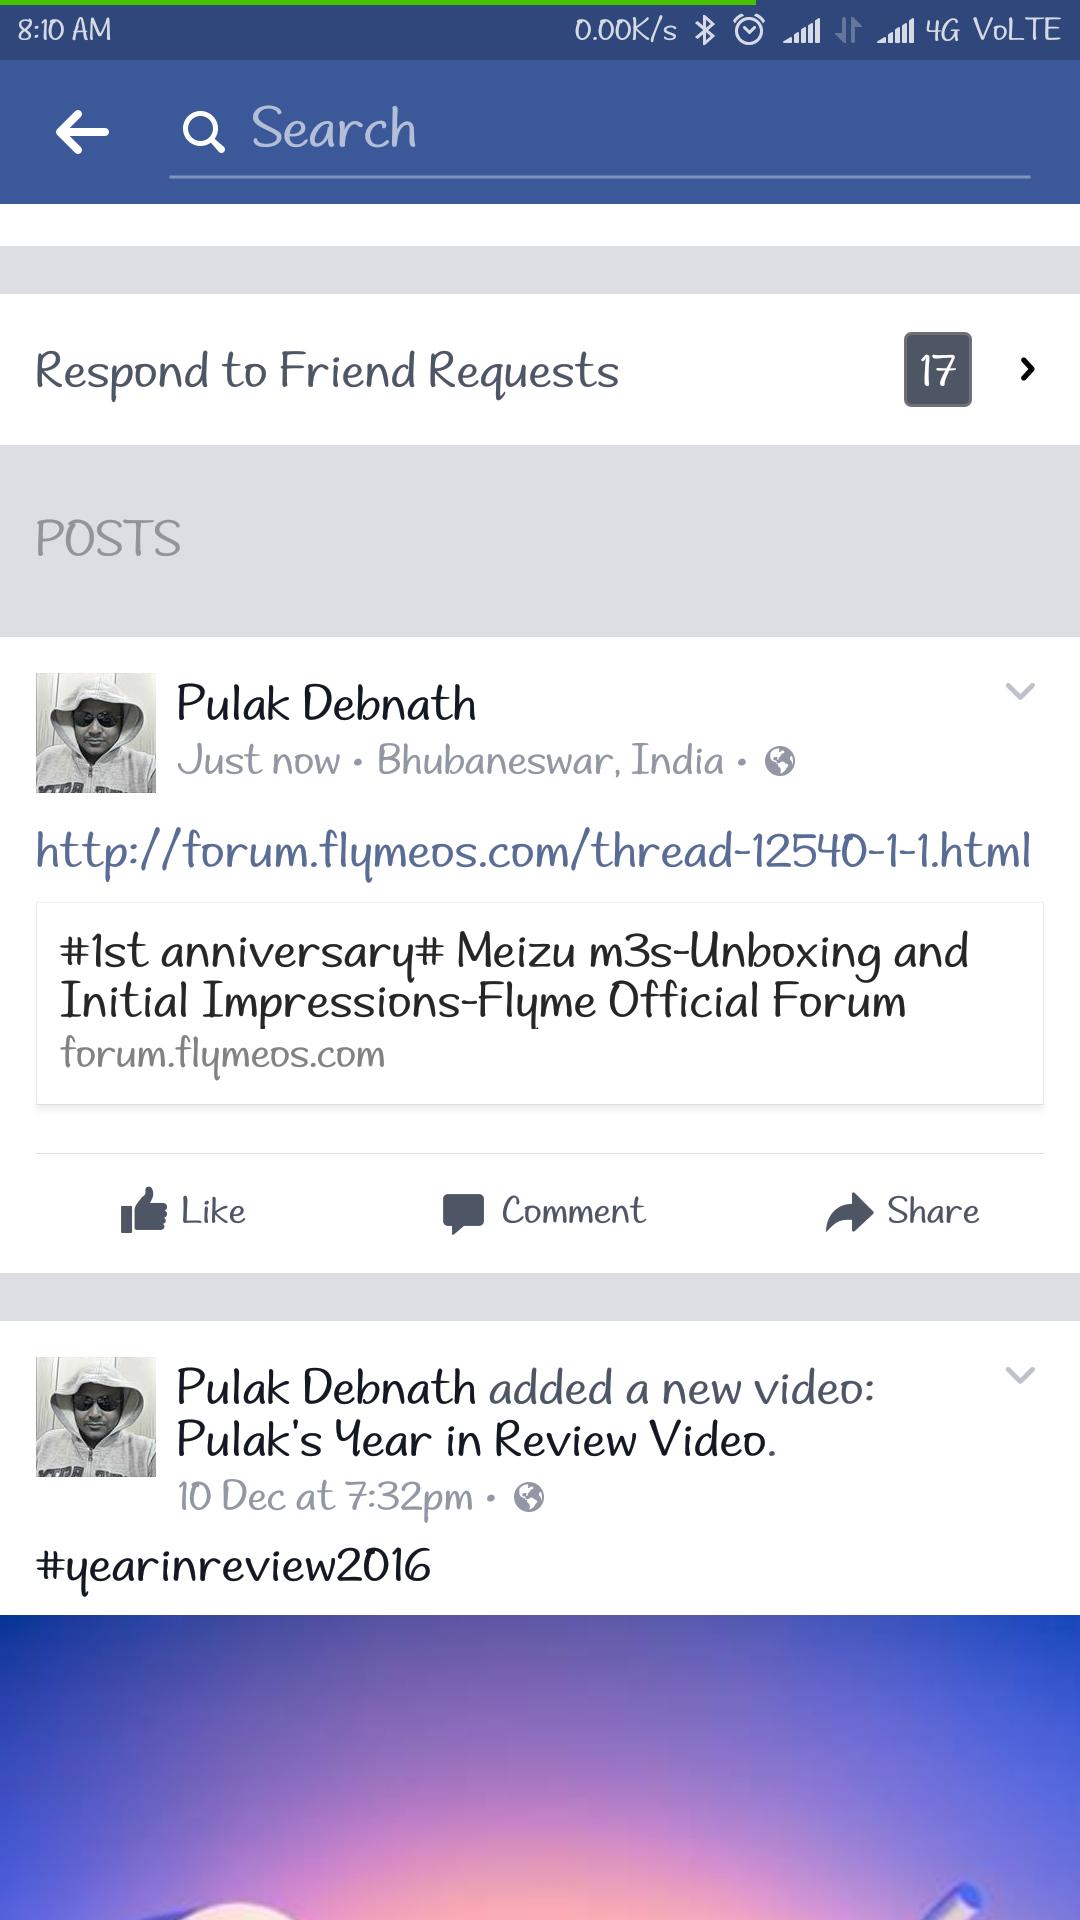 Screenshot_2016-12-11-08-10-17-645_com.facebook.katana.png